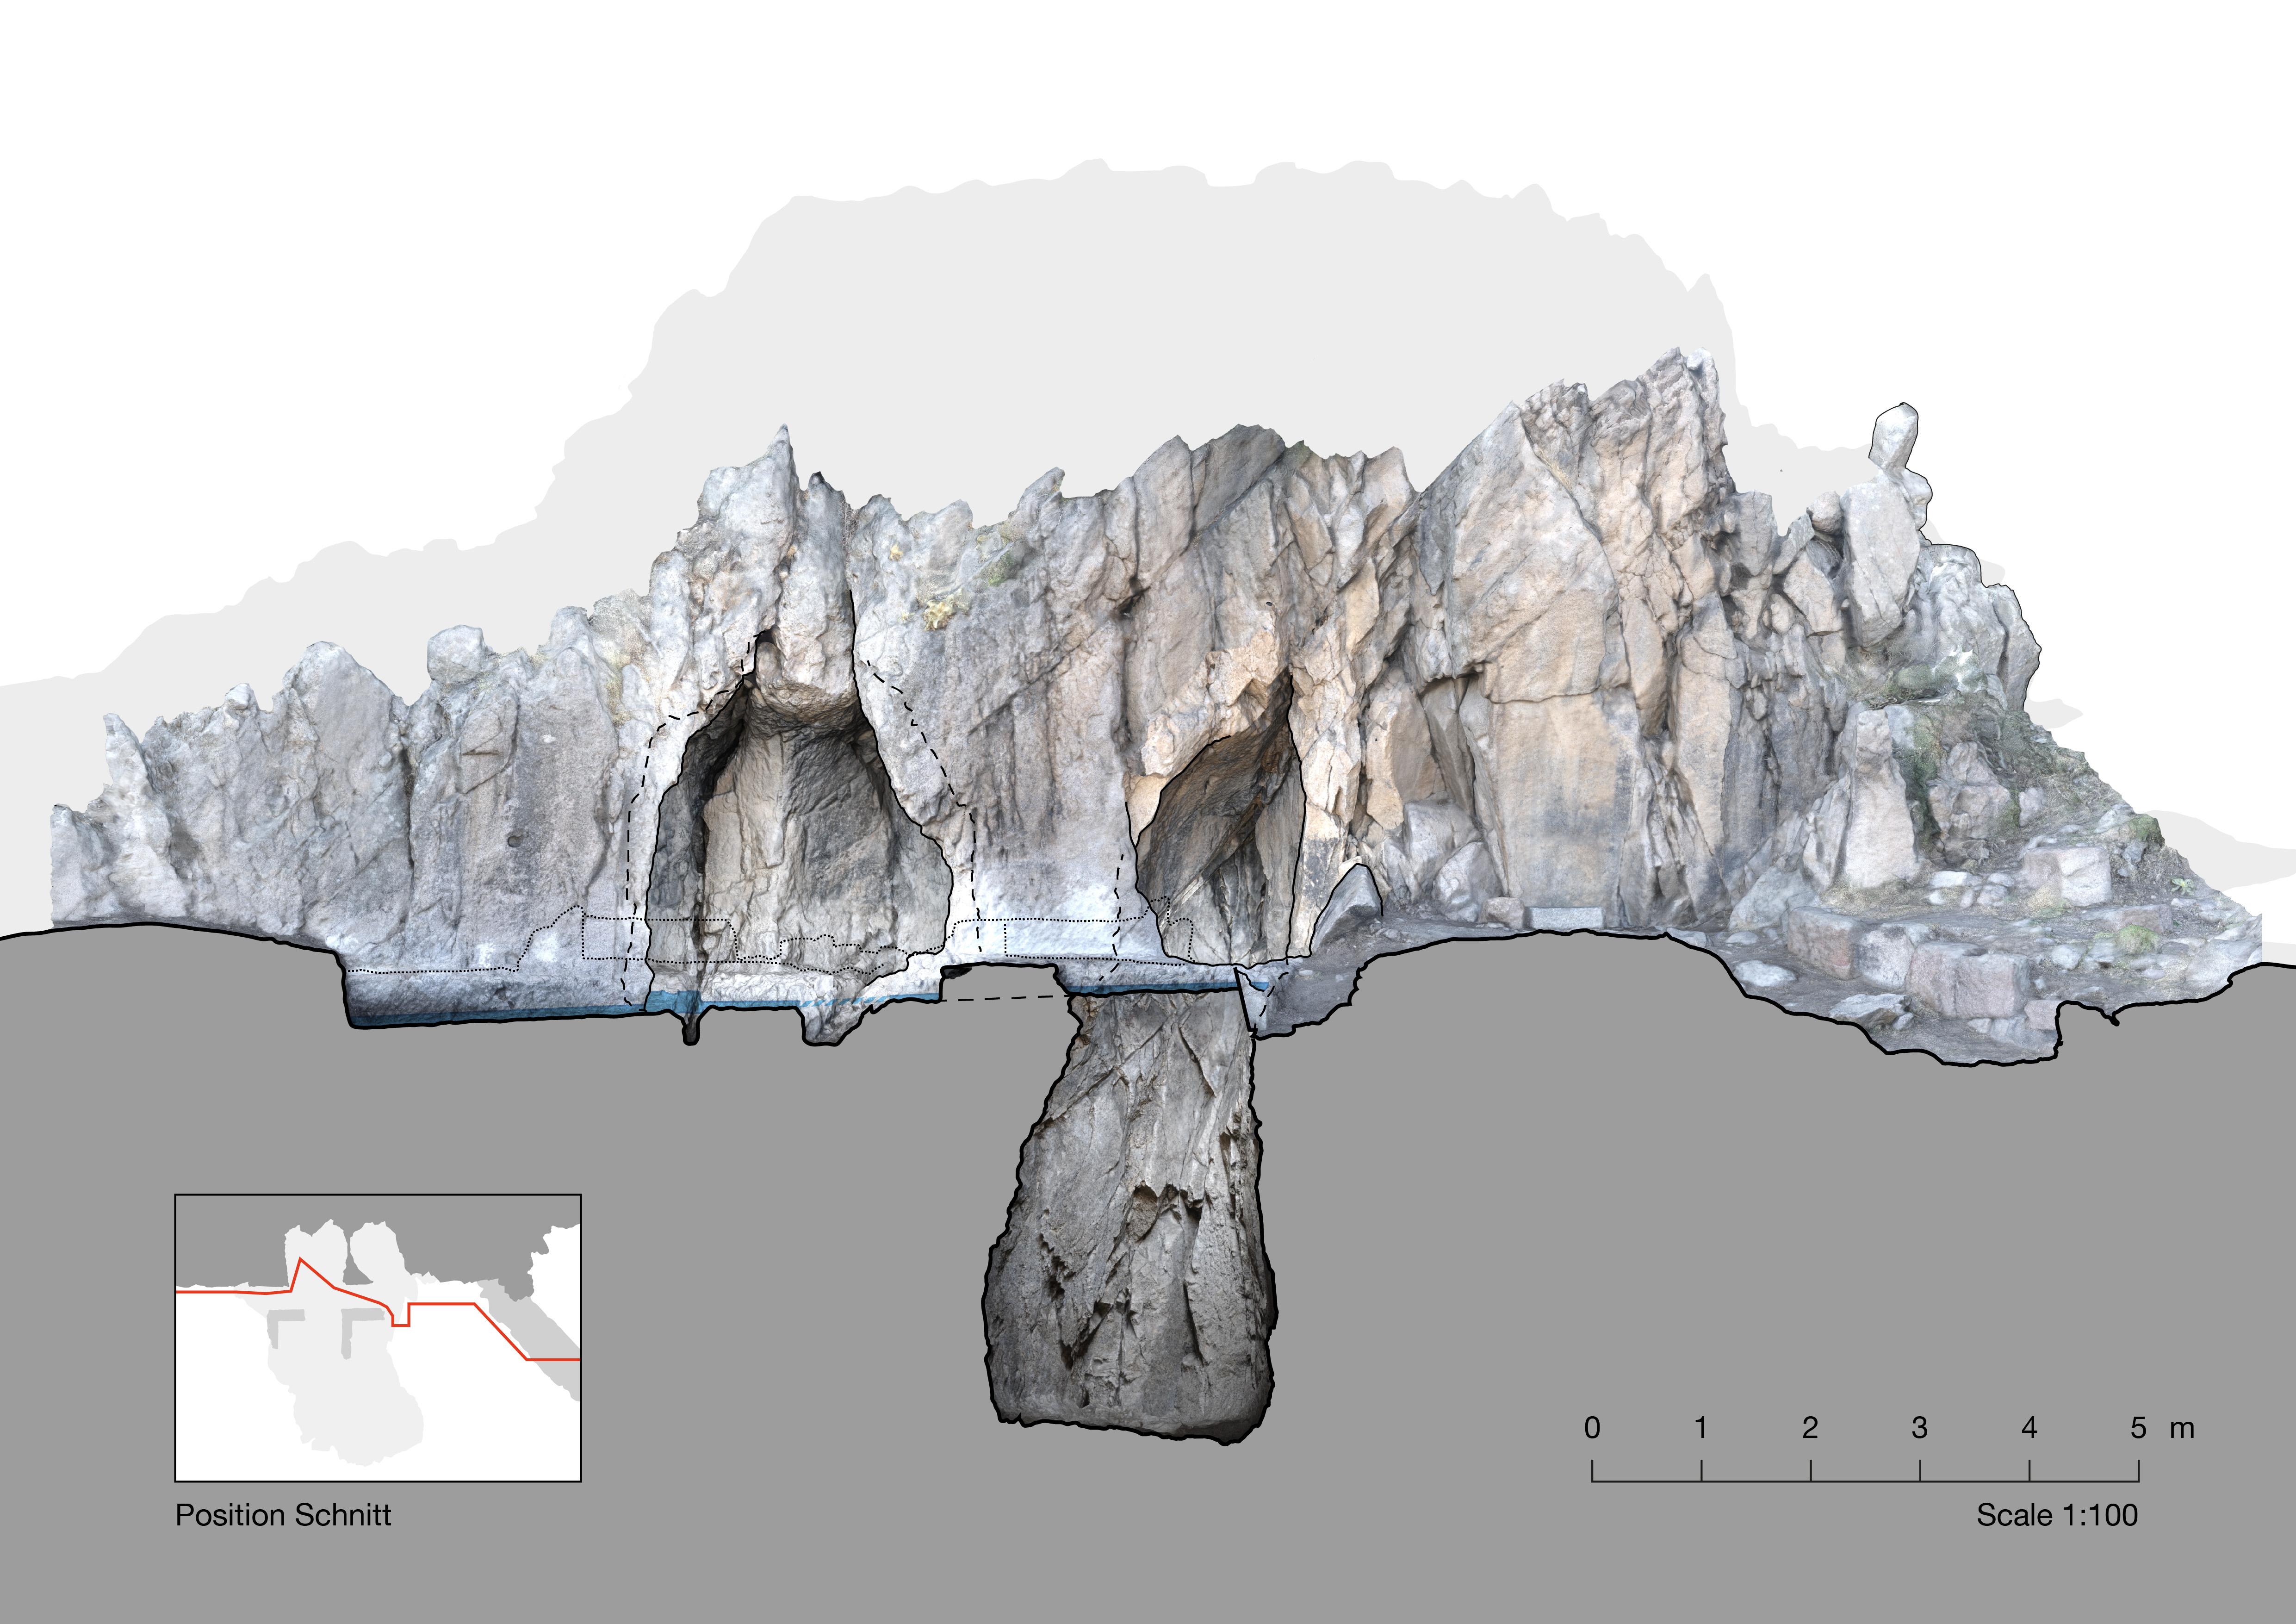 Pergamon şehir tepesinin doğu yamacındaki M. Ö. 1. yüzyıla tarihlenen mağara kutsal alanı (O. Bruderer – DAI-Pergamongrabung)